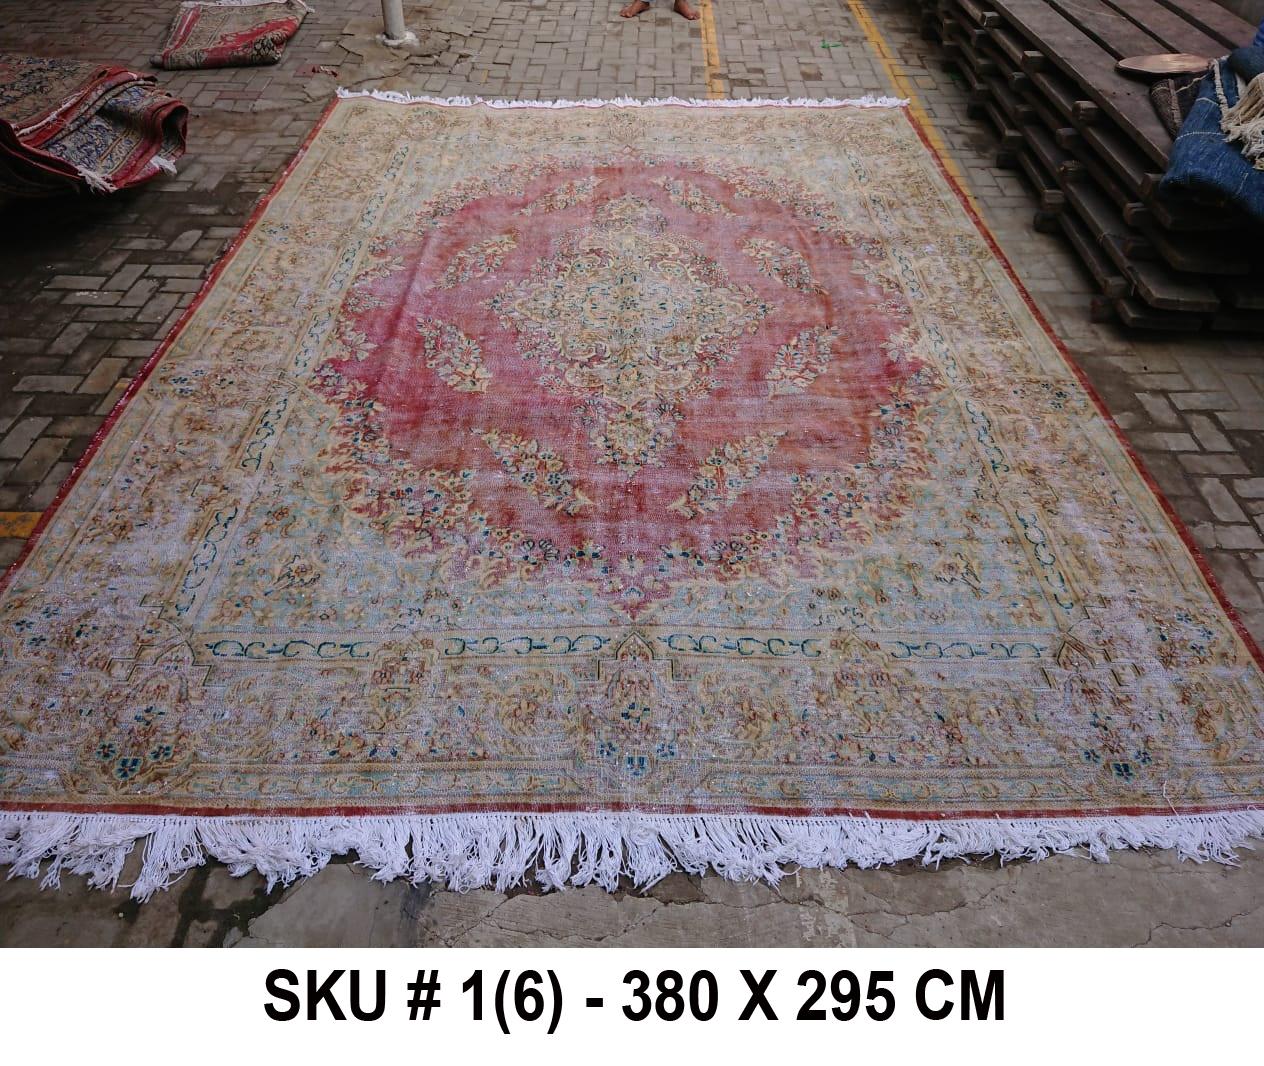 Vintage vloerkleed zandkleur met groen en rood, nr.98004, 380cm x 295cm